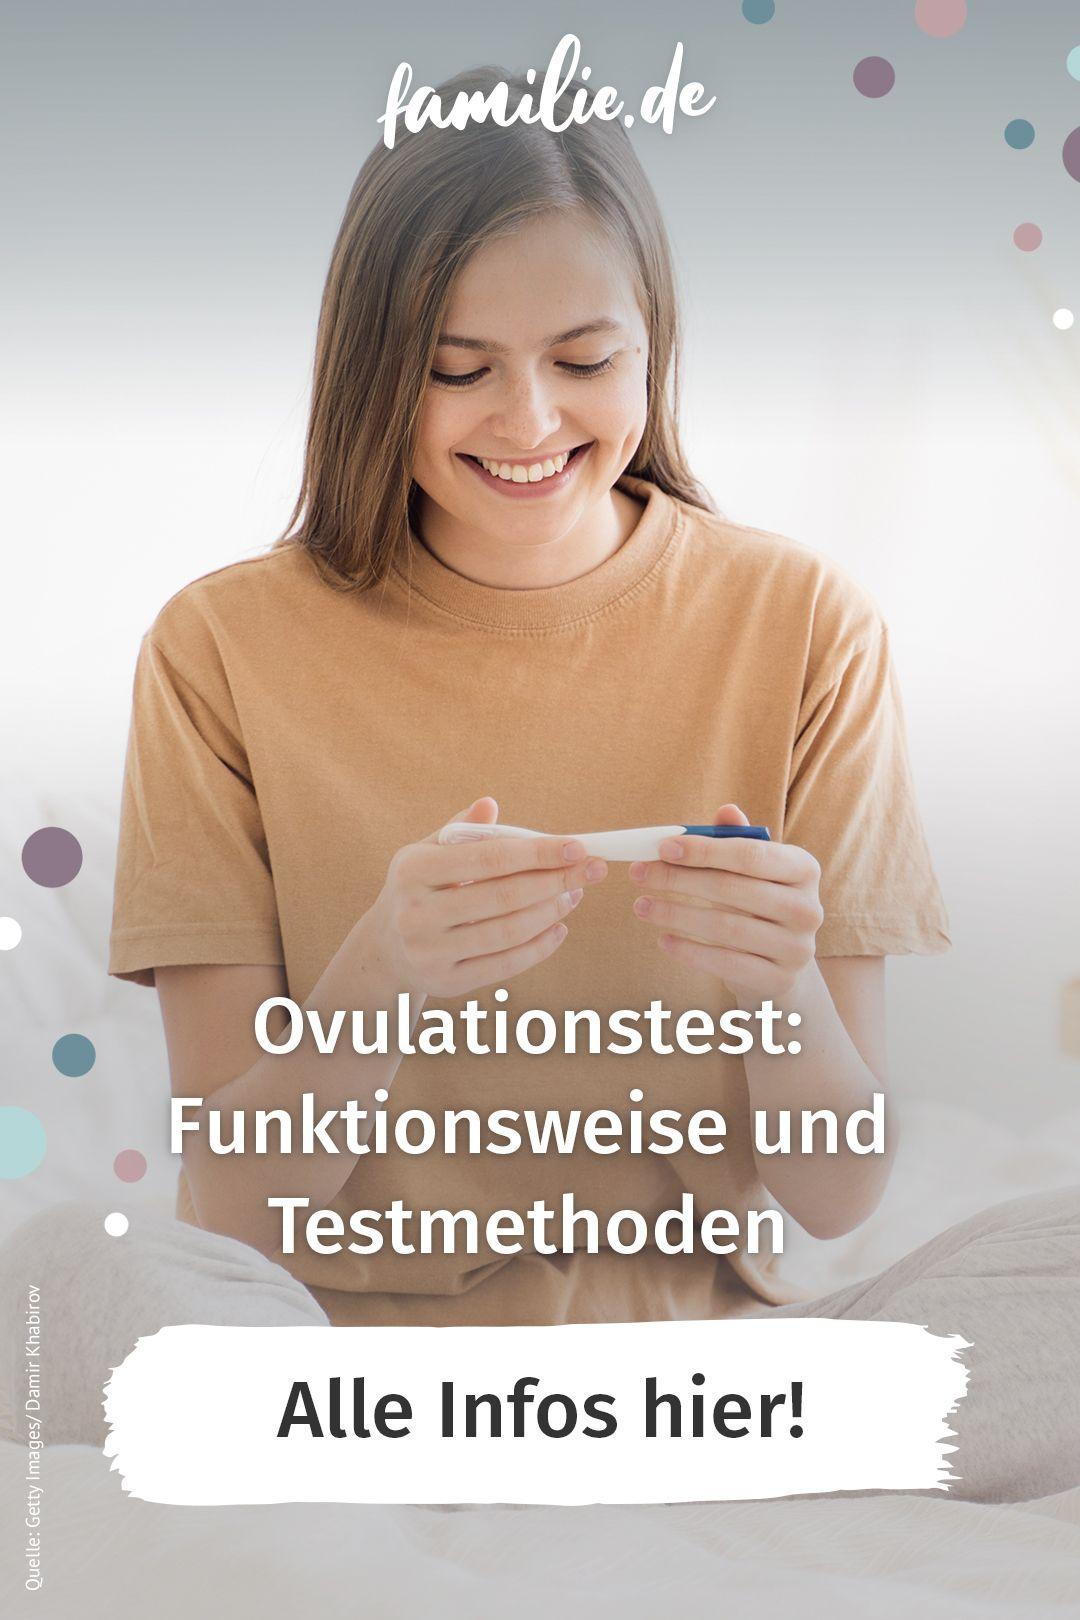 Ovulationstest: Funktionsweise und Testmethoden | familie